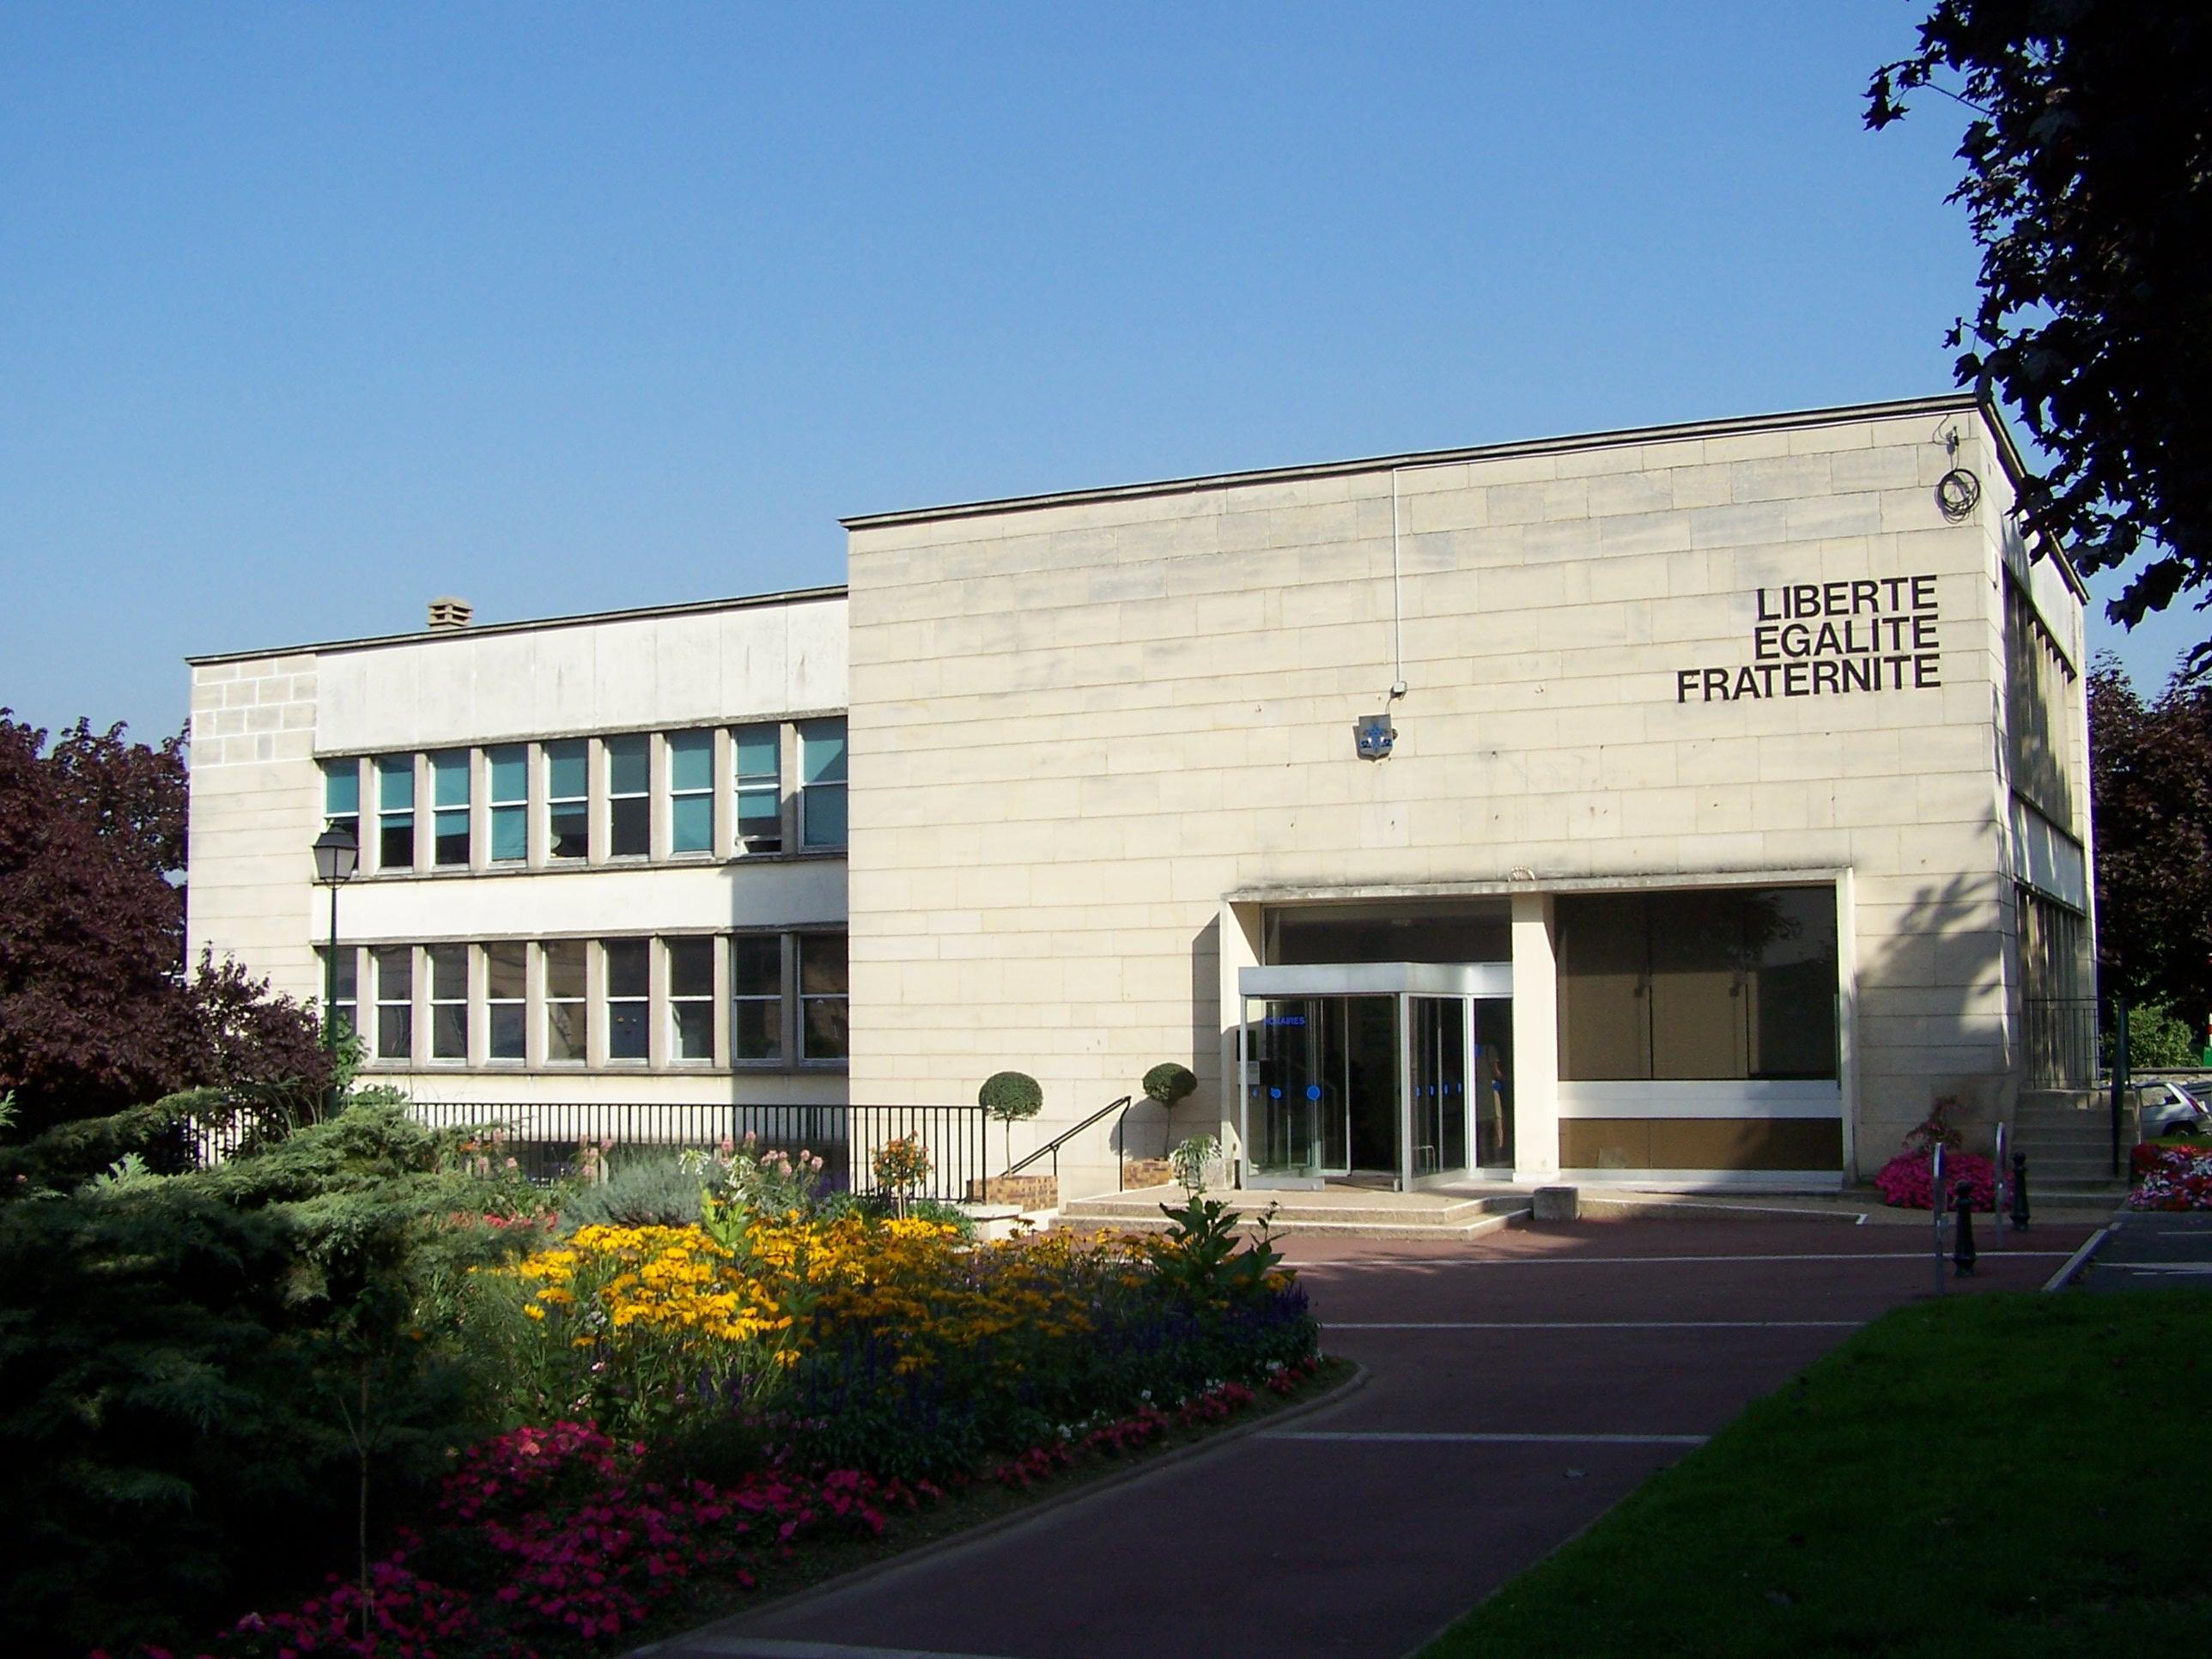 Saint-Cyr-l'École